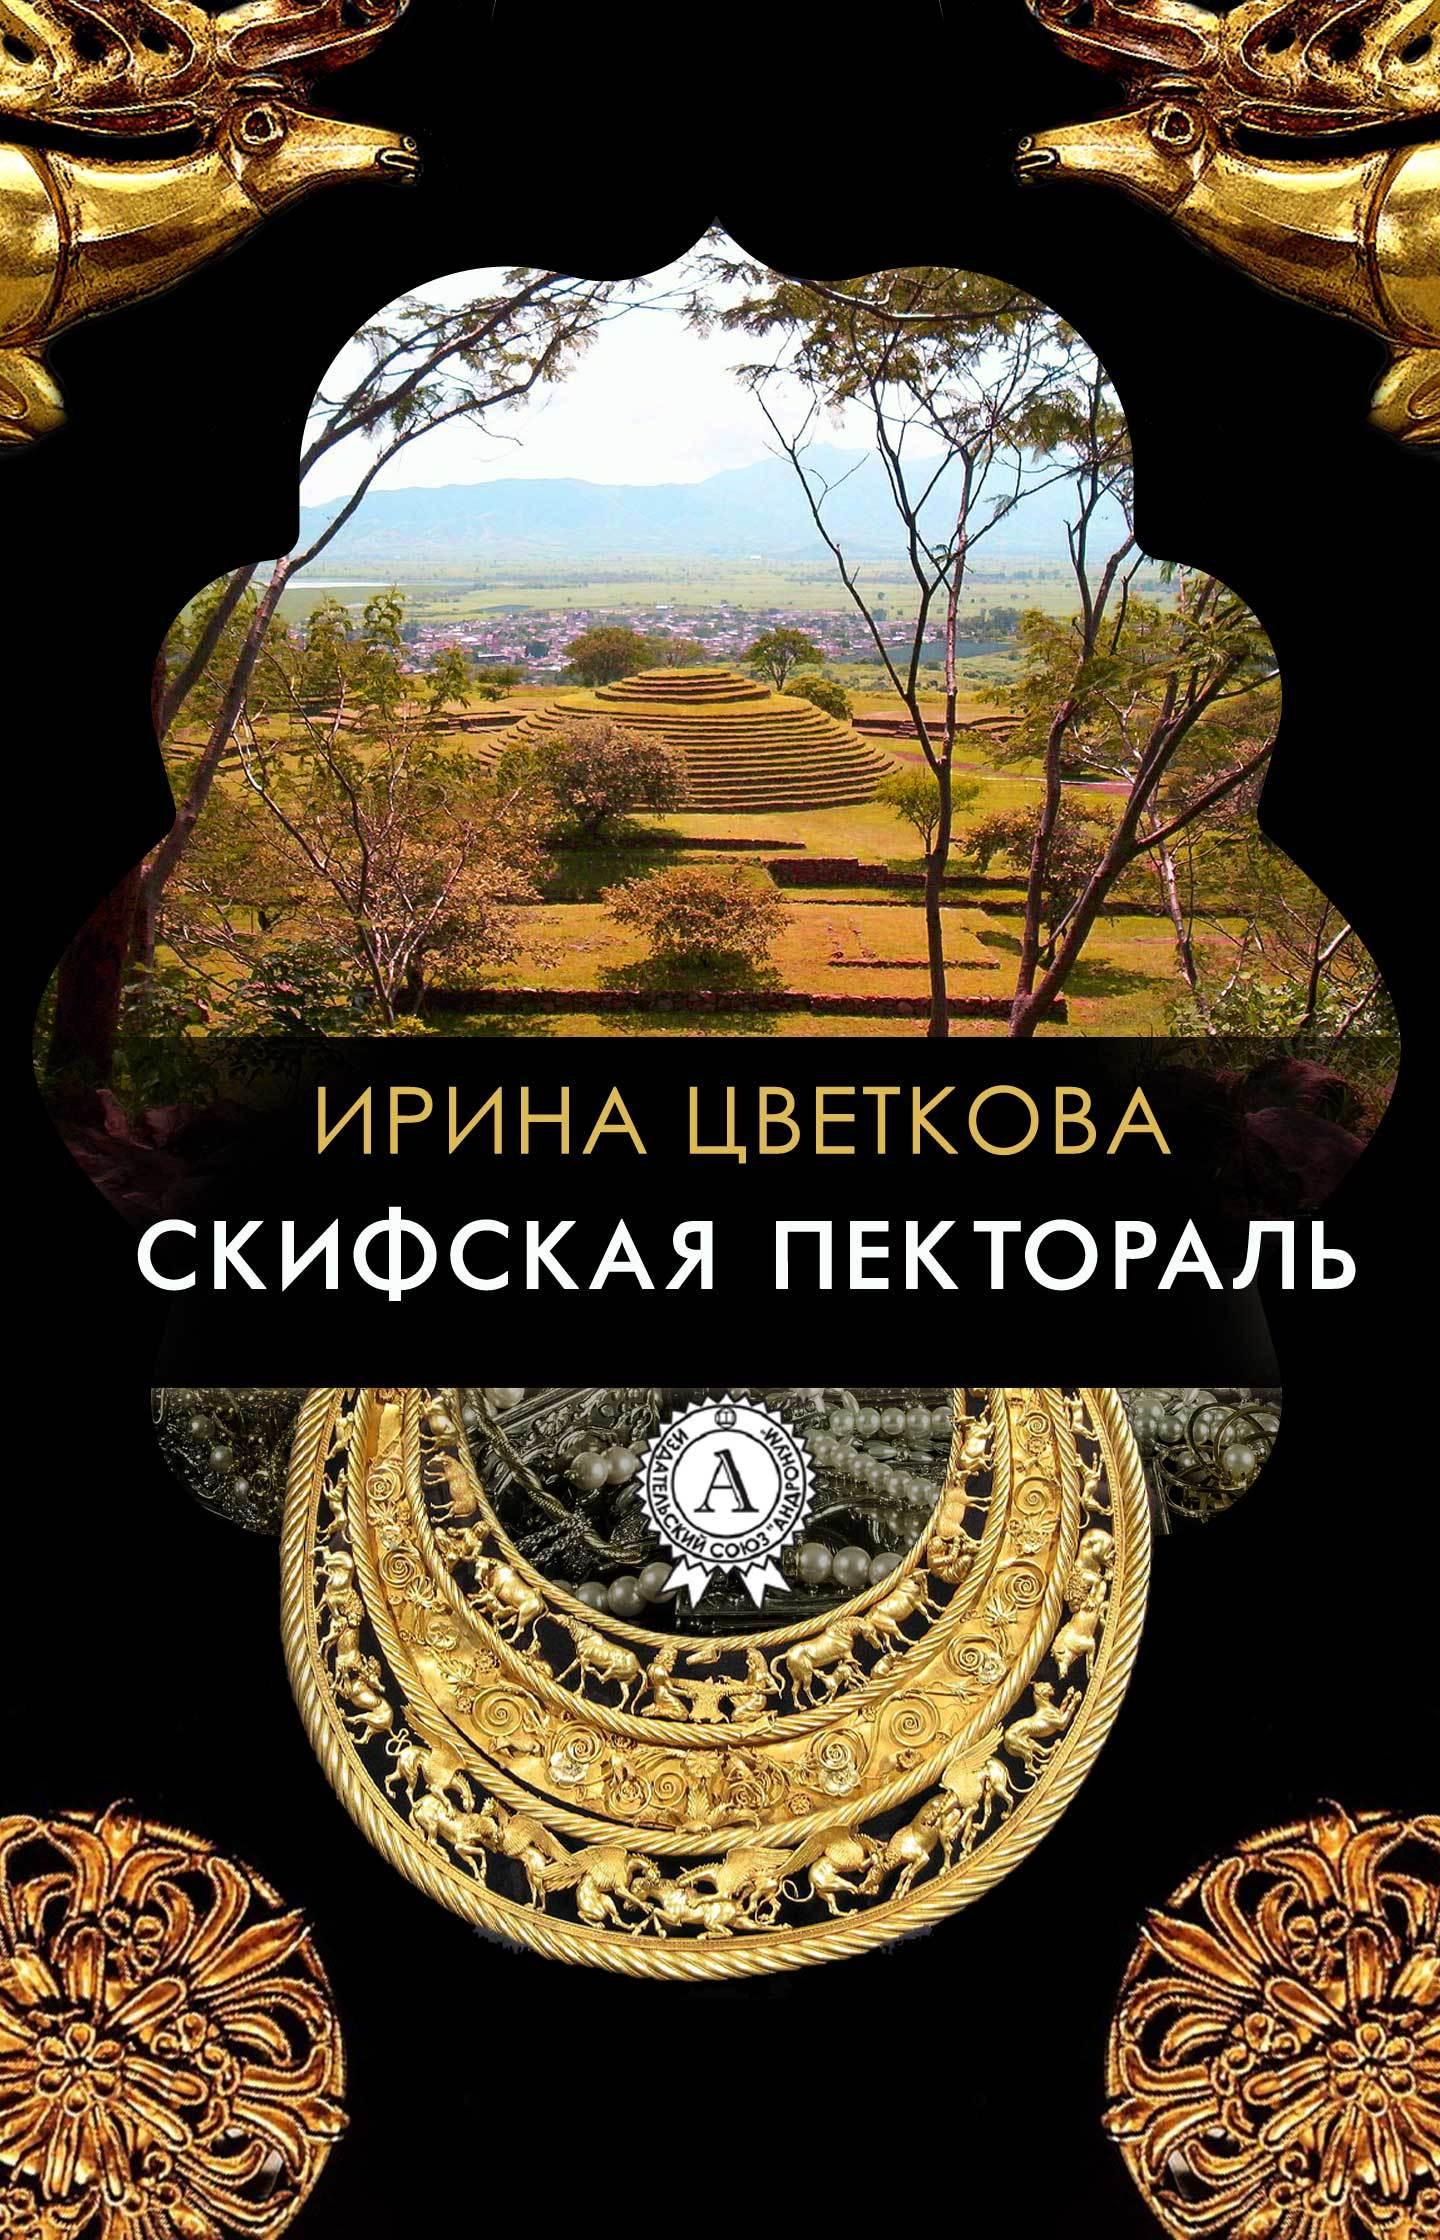 Ирина Цветкова бесплатно